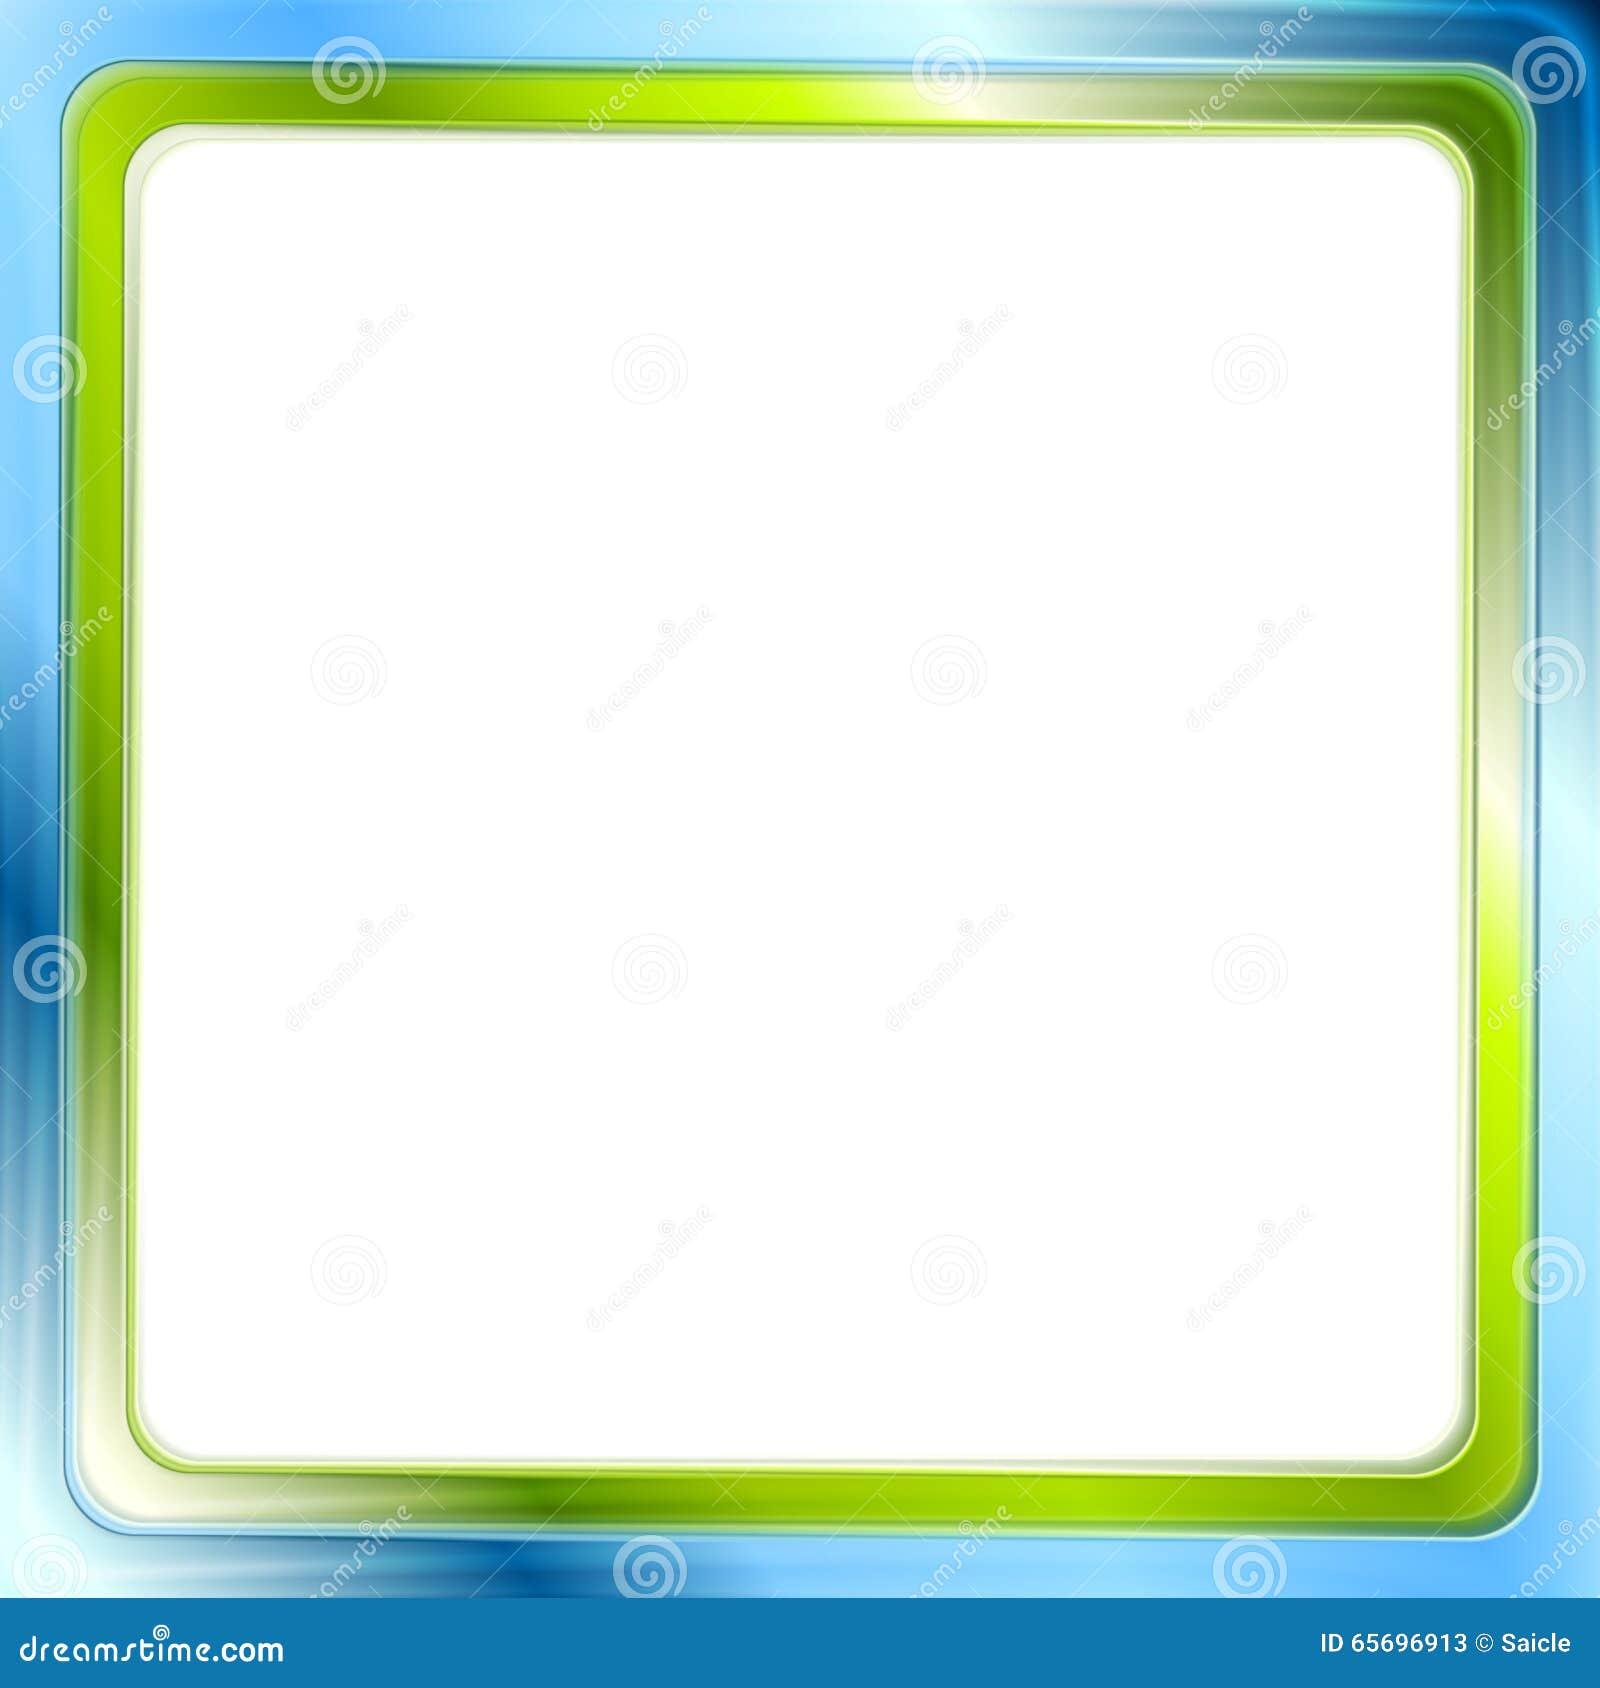 Encantador Marco Verde Regalo - Ideas de Arte Enmarcado - silvrlight ...